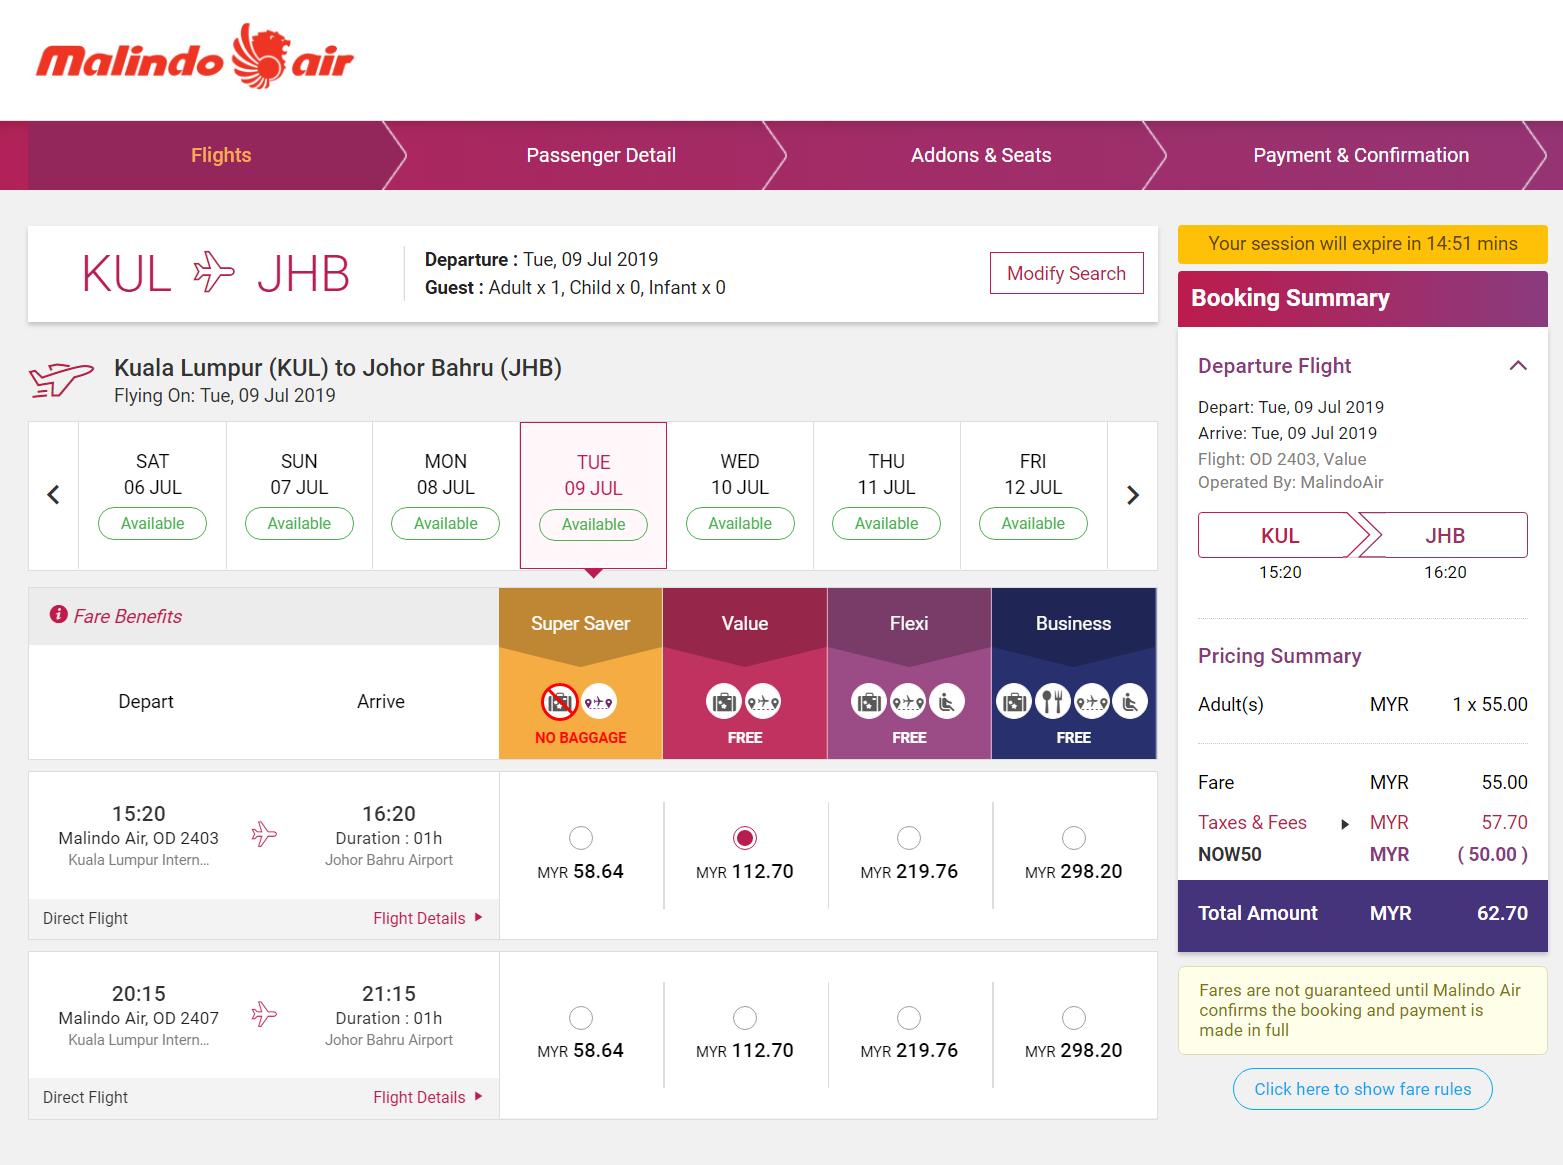 吉隆坡KUL — 槟城PEN  单程RM62.70 (使用折扣代码NOW50) 订购网站:MalindoAir.com